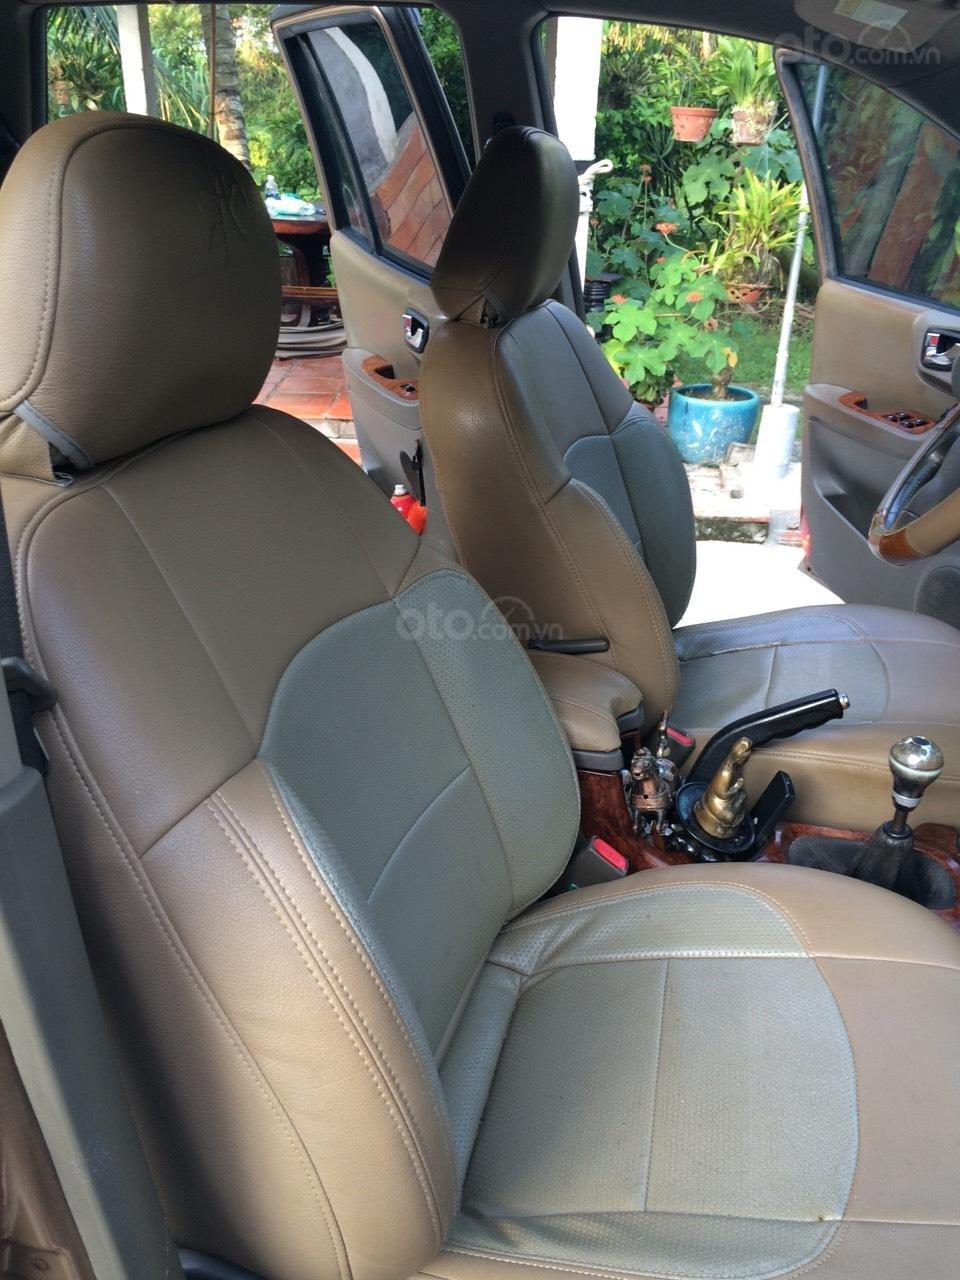 Bán Hyundai Santa Fe sản xuất năm 2003, màu nâu, nhập khẩu nguyên chiếc, giá 250tr (8)